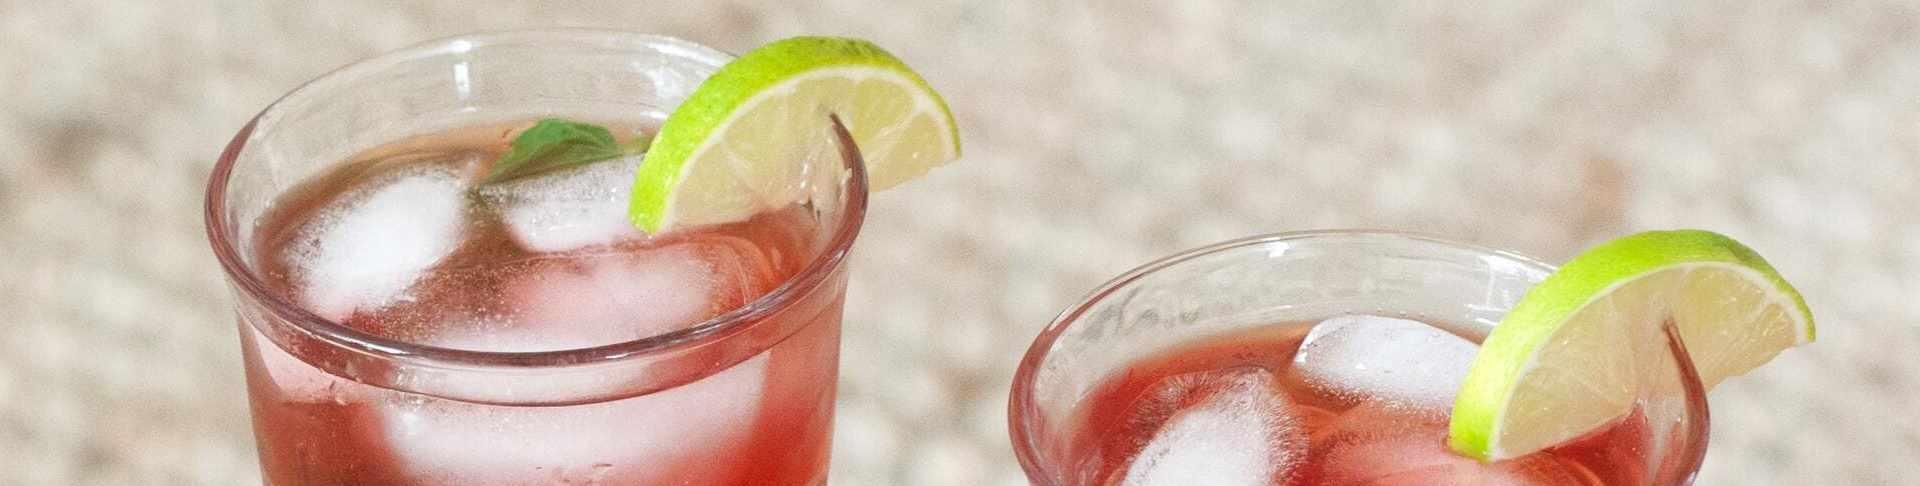 recetas de bebidas refrescantes para sobrevivir al verano - Glovo